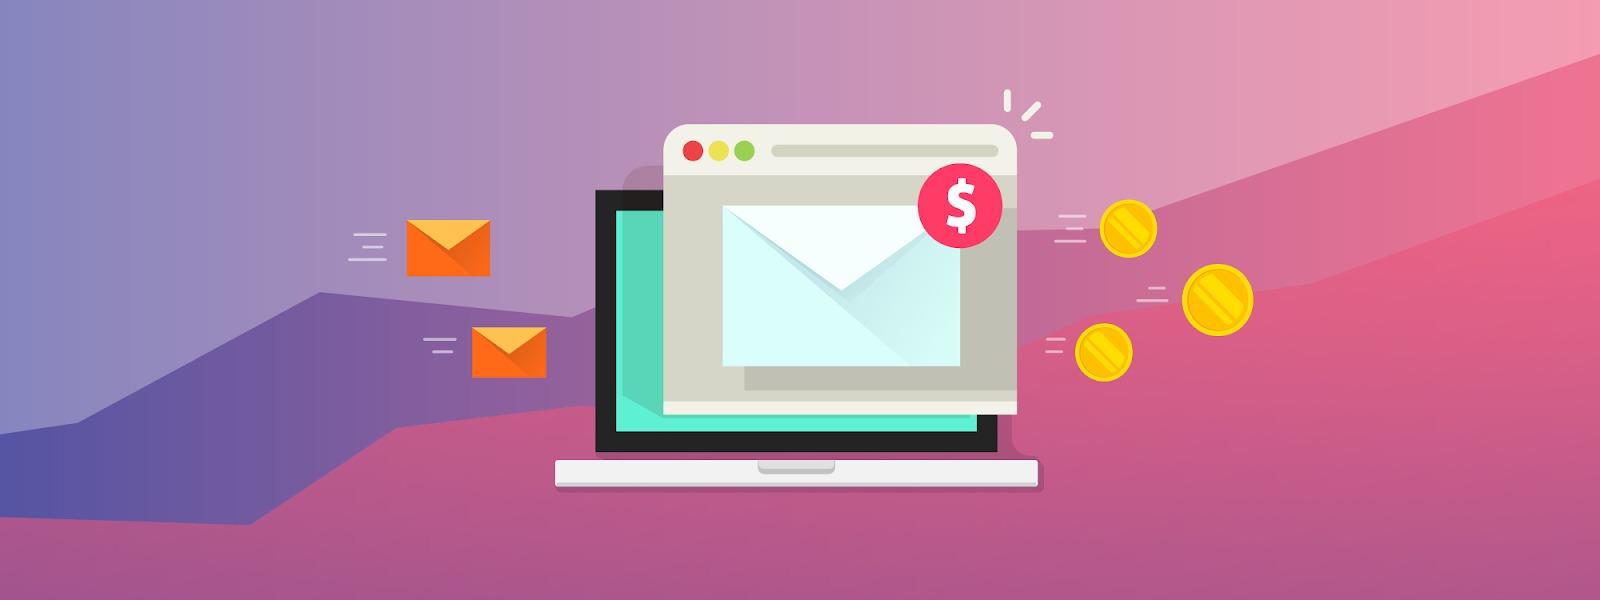 Cách giúp cho tự động hóa email hiệu quả hơn